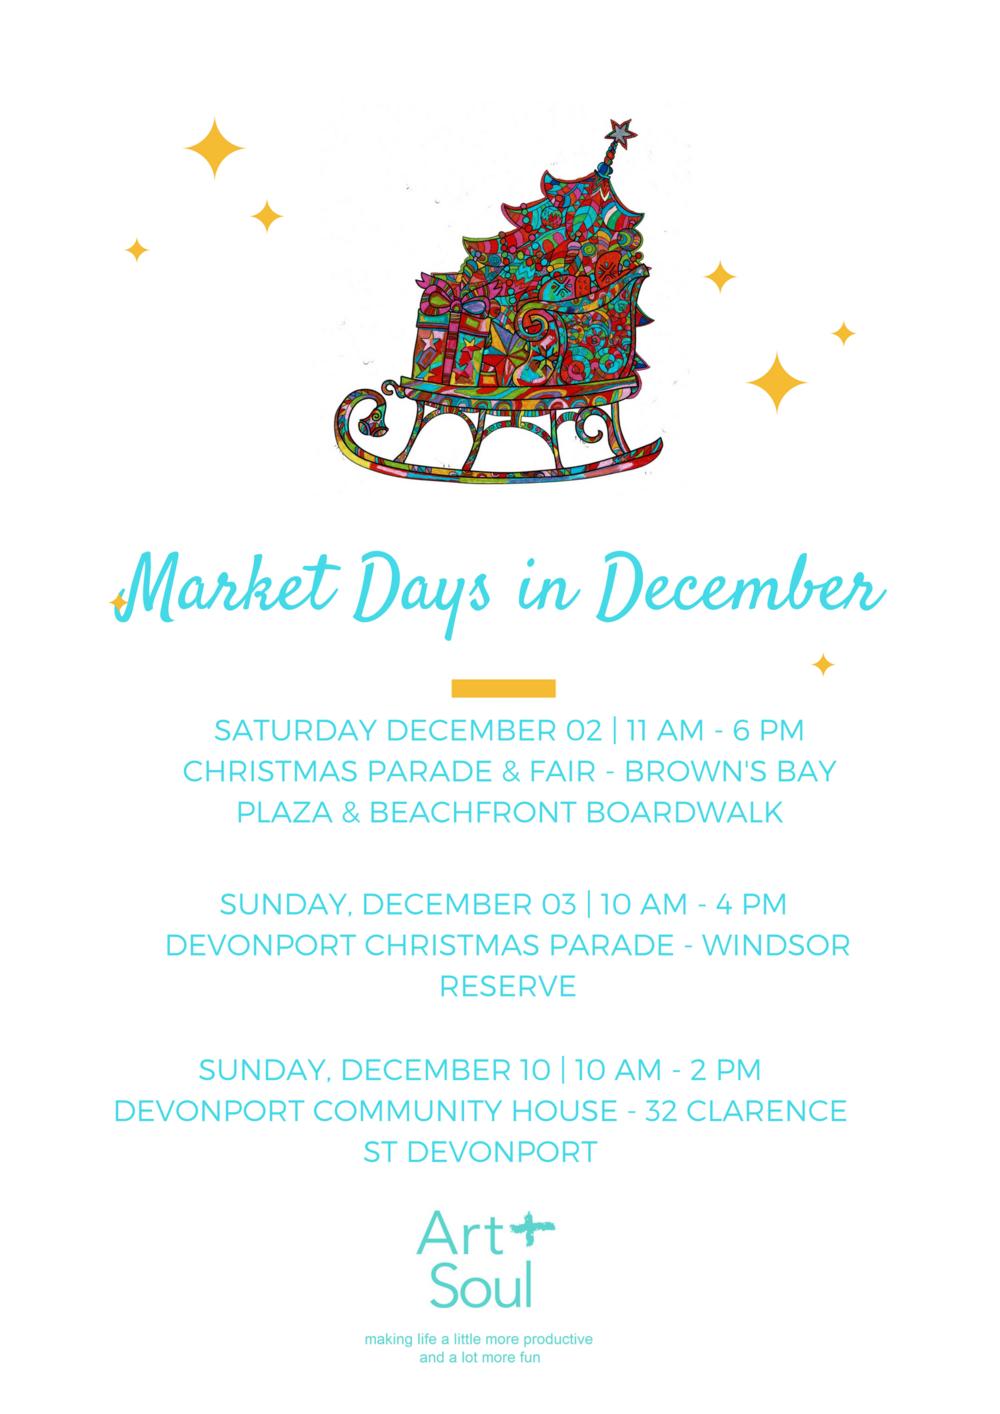 market days in december.png